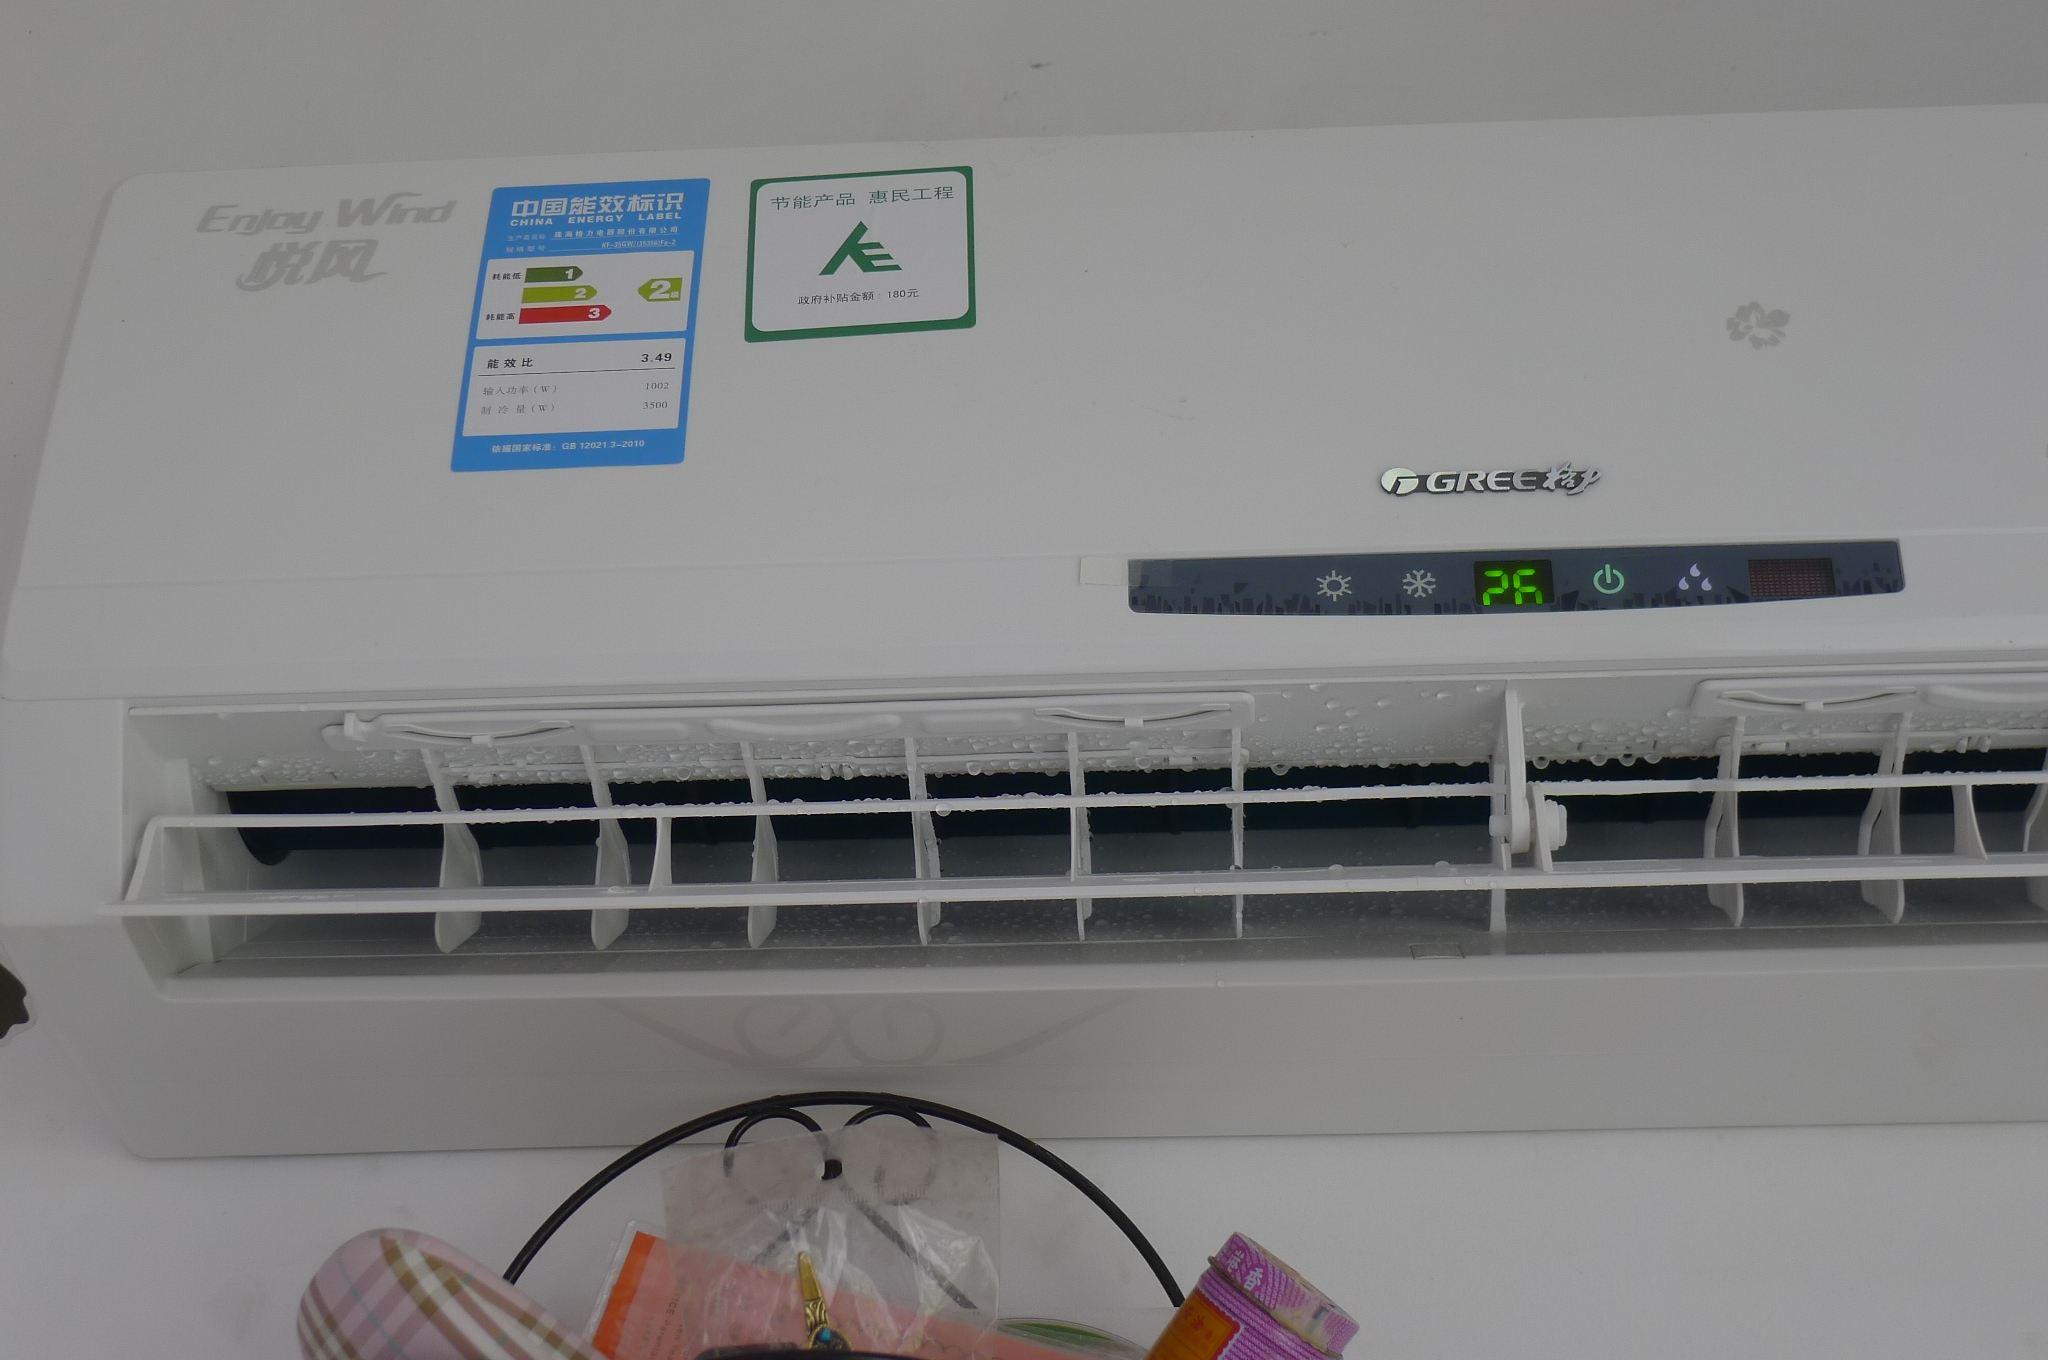 空调显示屏故障是什么原因?有以下几个解决方法